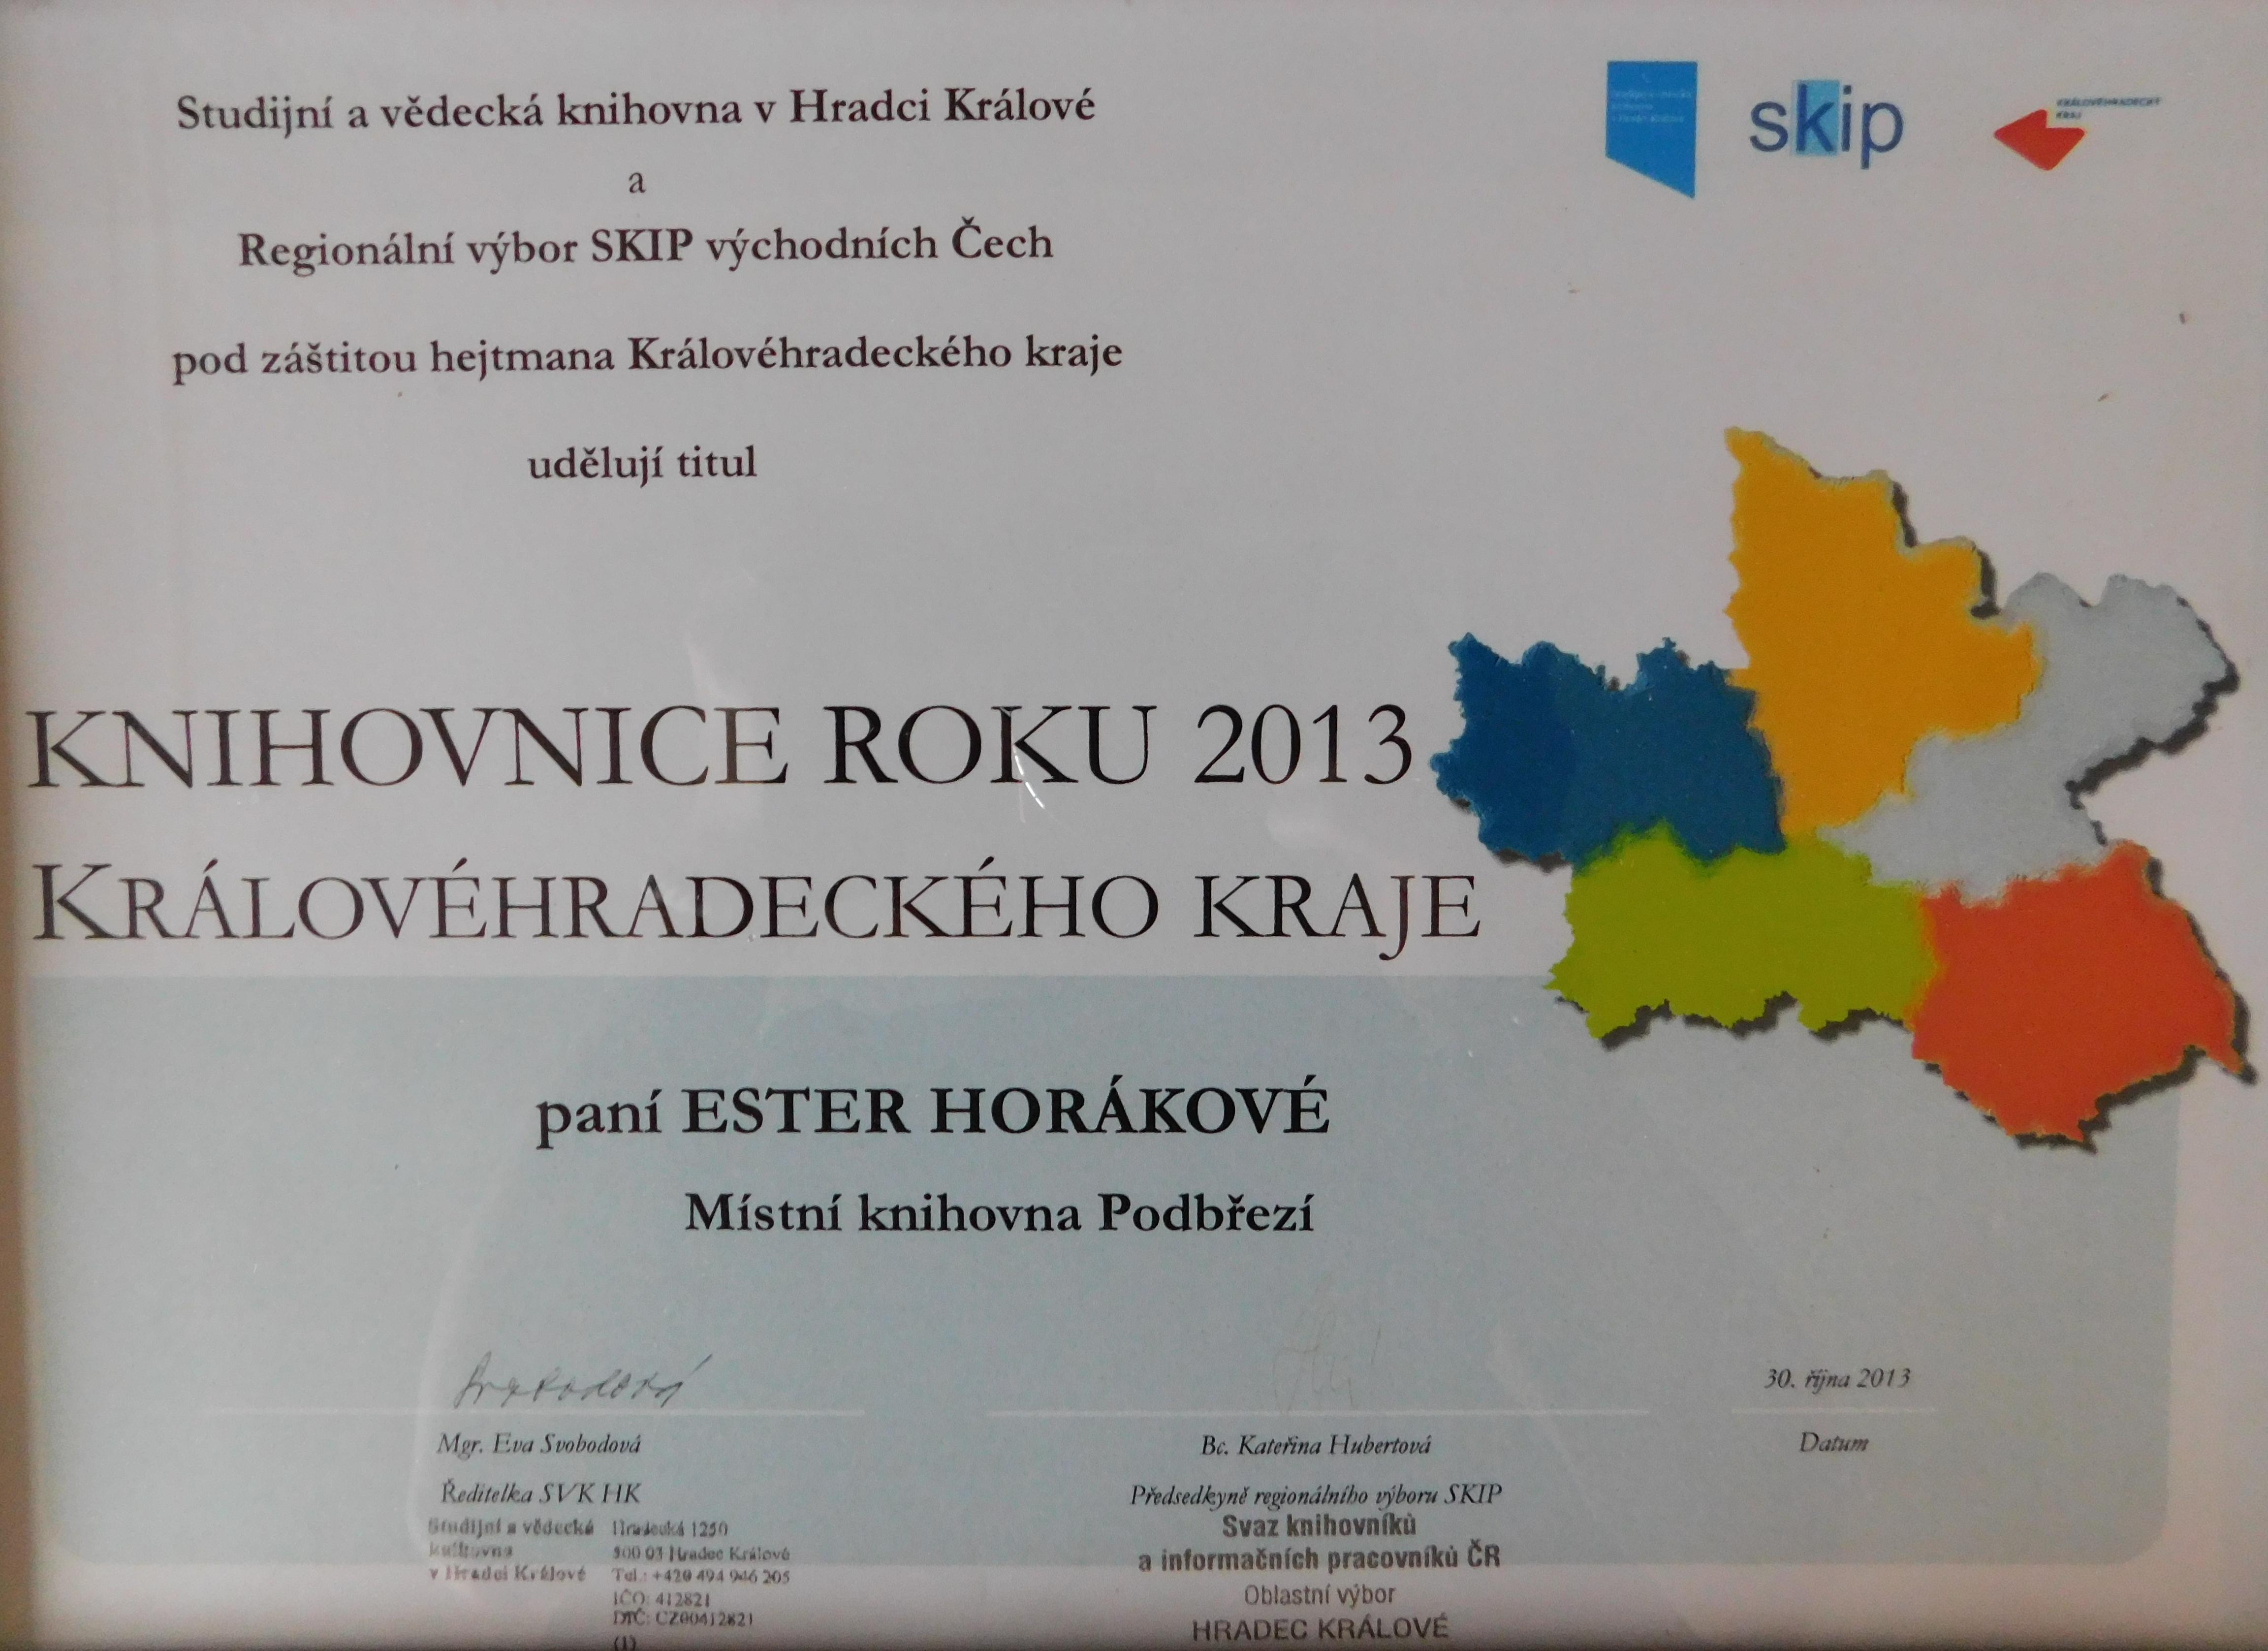 Diplom - Knihovnice roku 2013